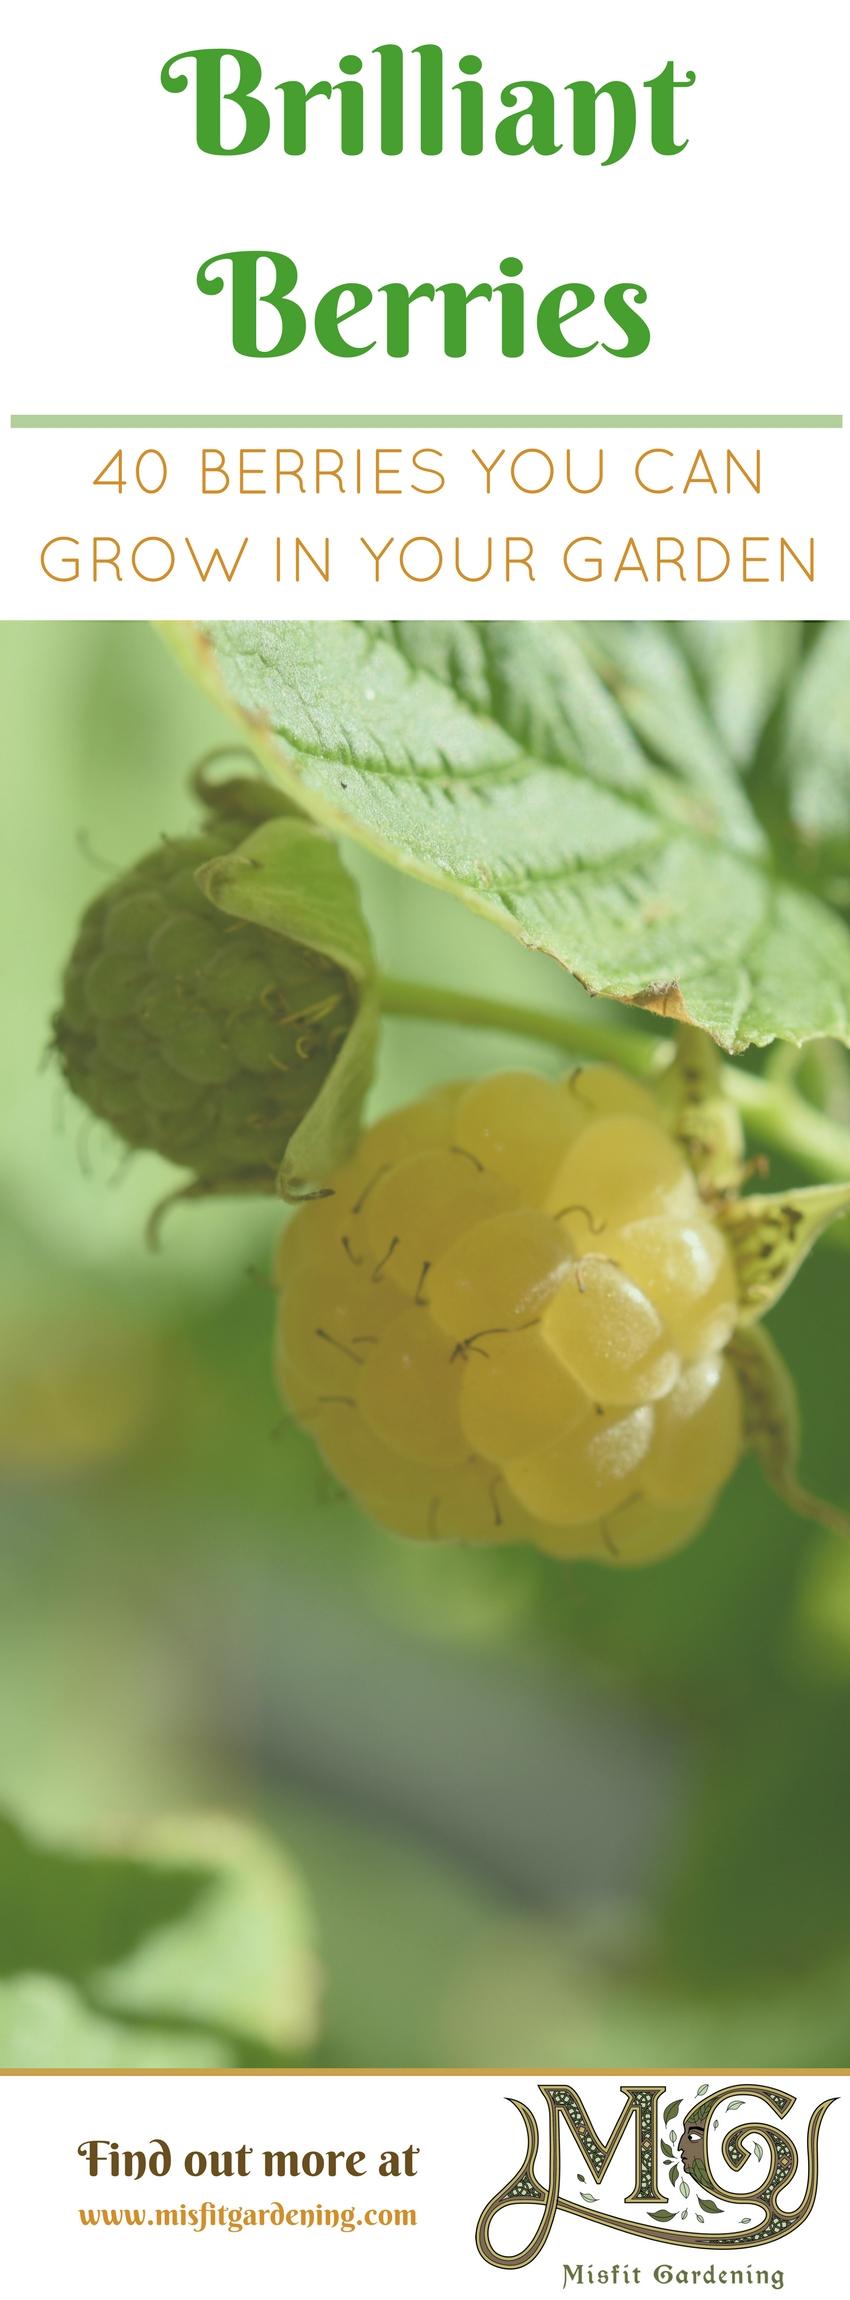 Beeren sind hochproduktive Früchte in kleinen # Gartenbereichen. Klicken Sie hier, um 40 Typen herauszufinden, die Sie vergrößern oder anheften können, um sie für später zu speichern